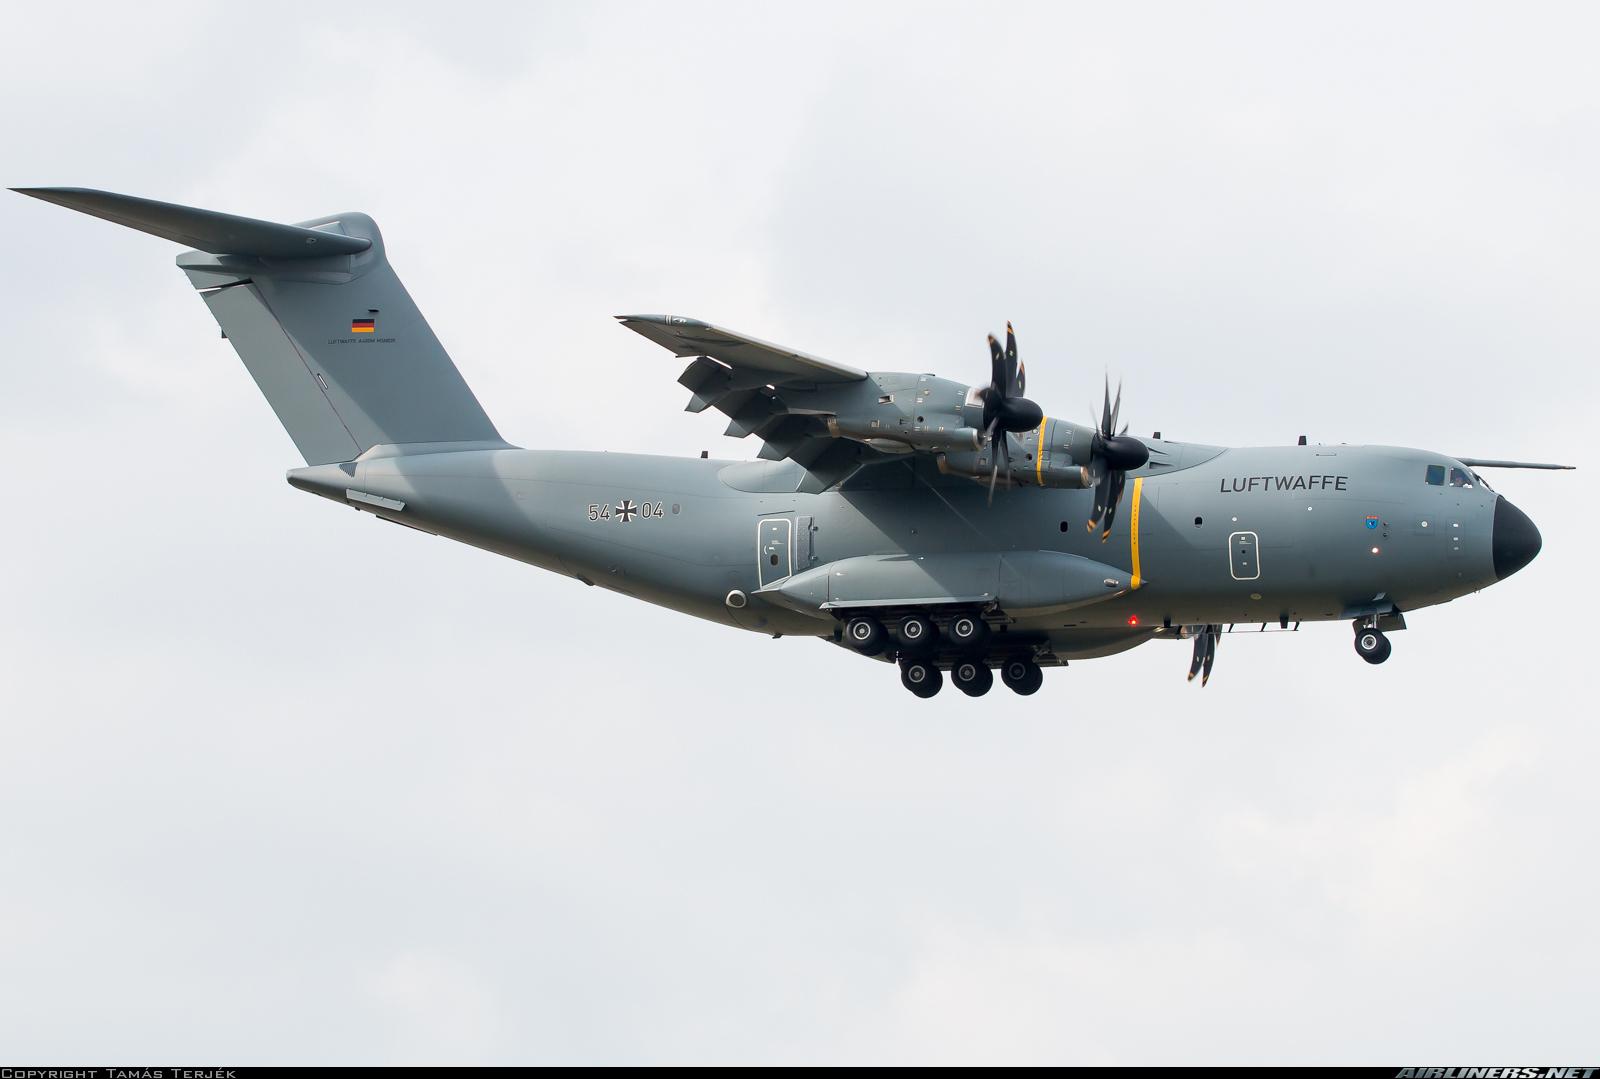 Военно-транспортный самолет Airbus А400 Atlas ВВС ФРГ (бортовой номер 54+04, серийный номер 035), 16.09.2016.